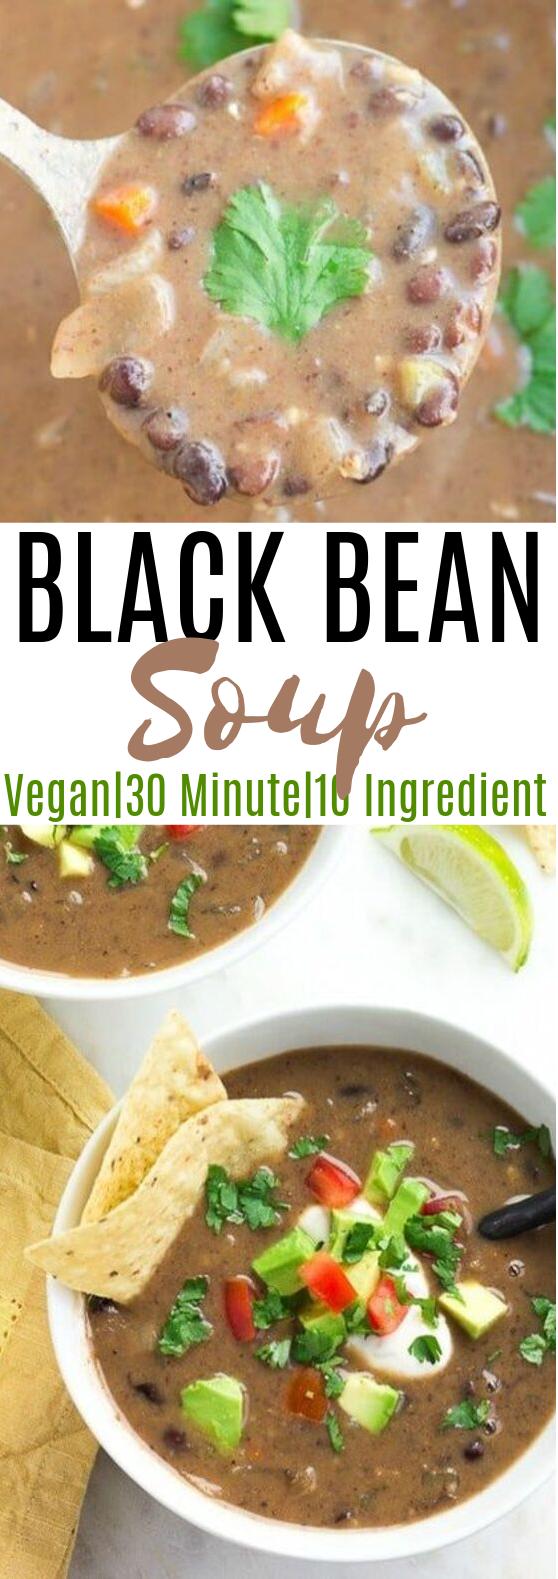 Black Bean Soup #vegan #soup